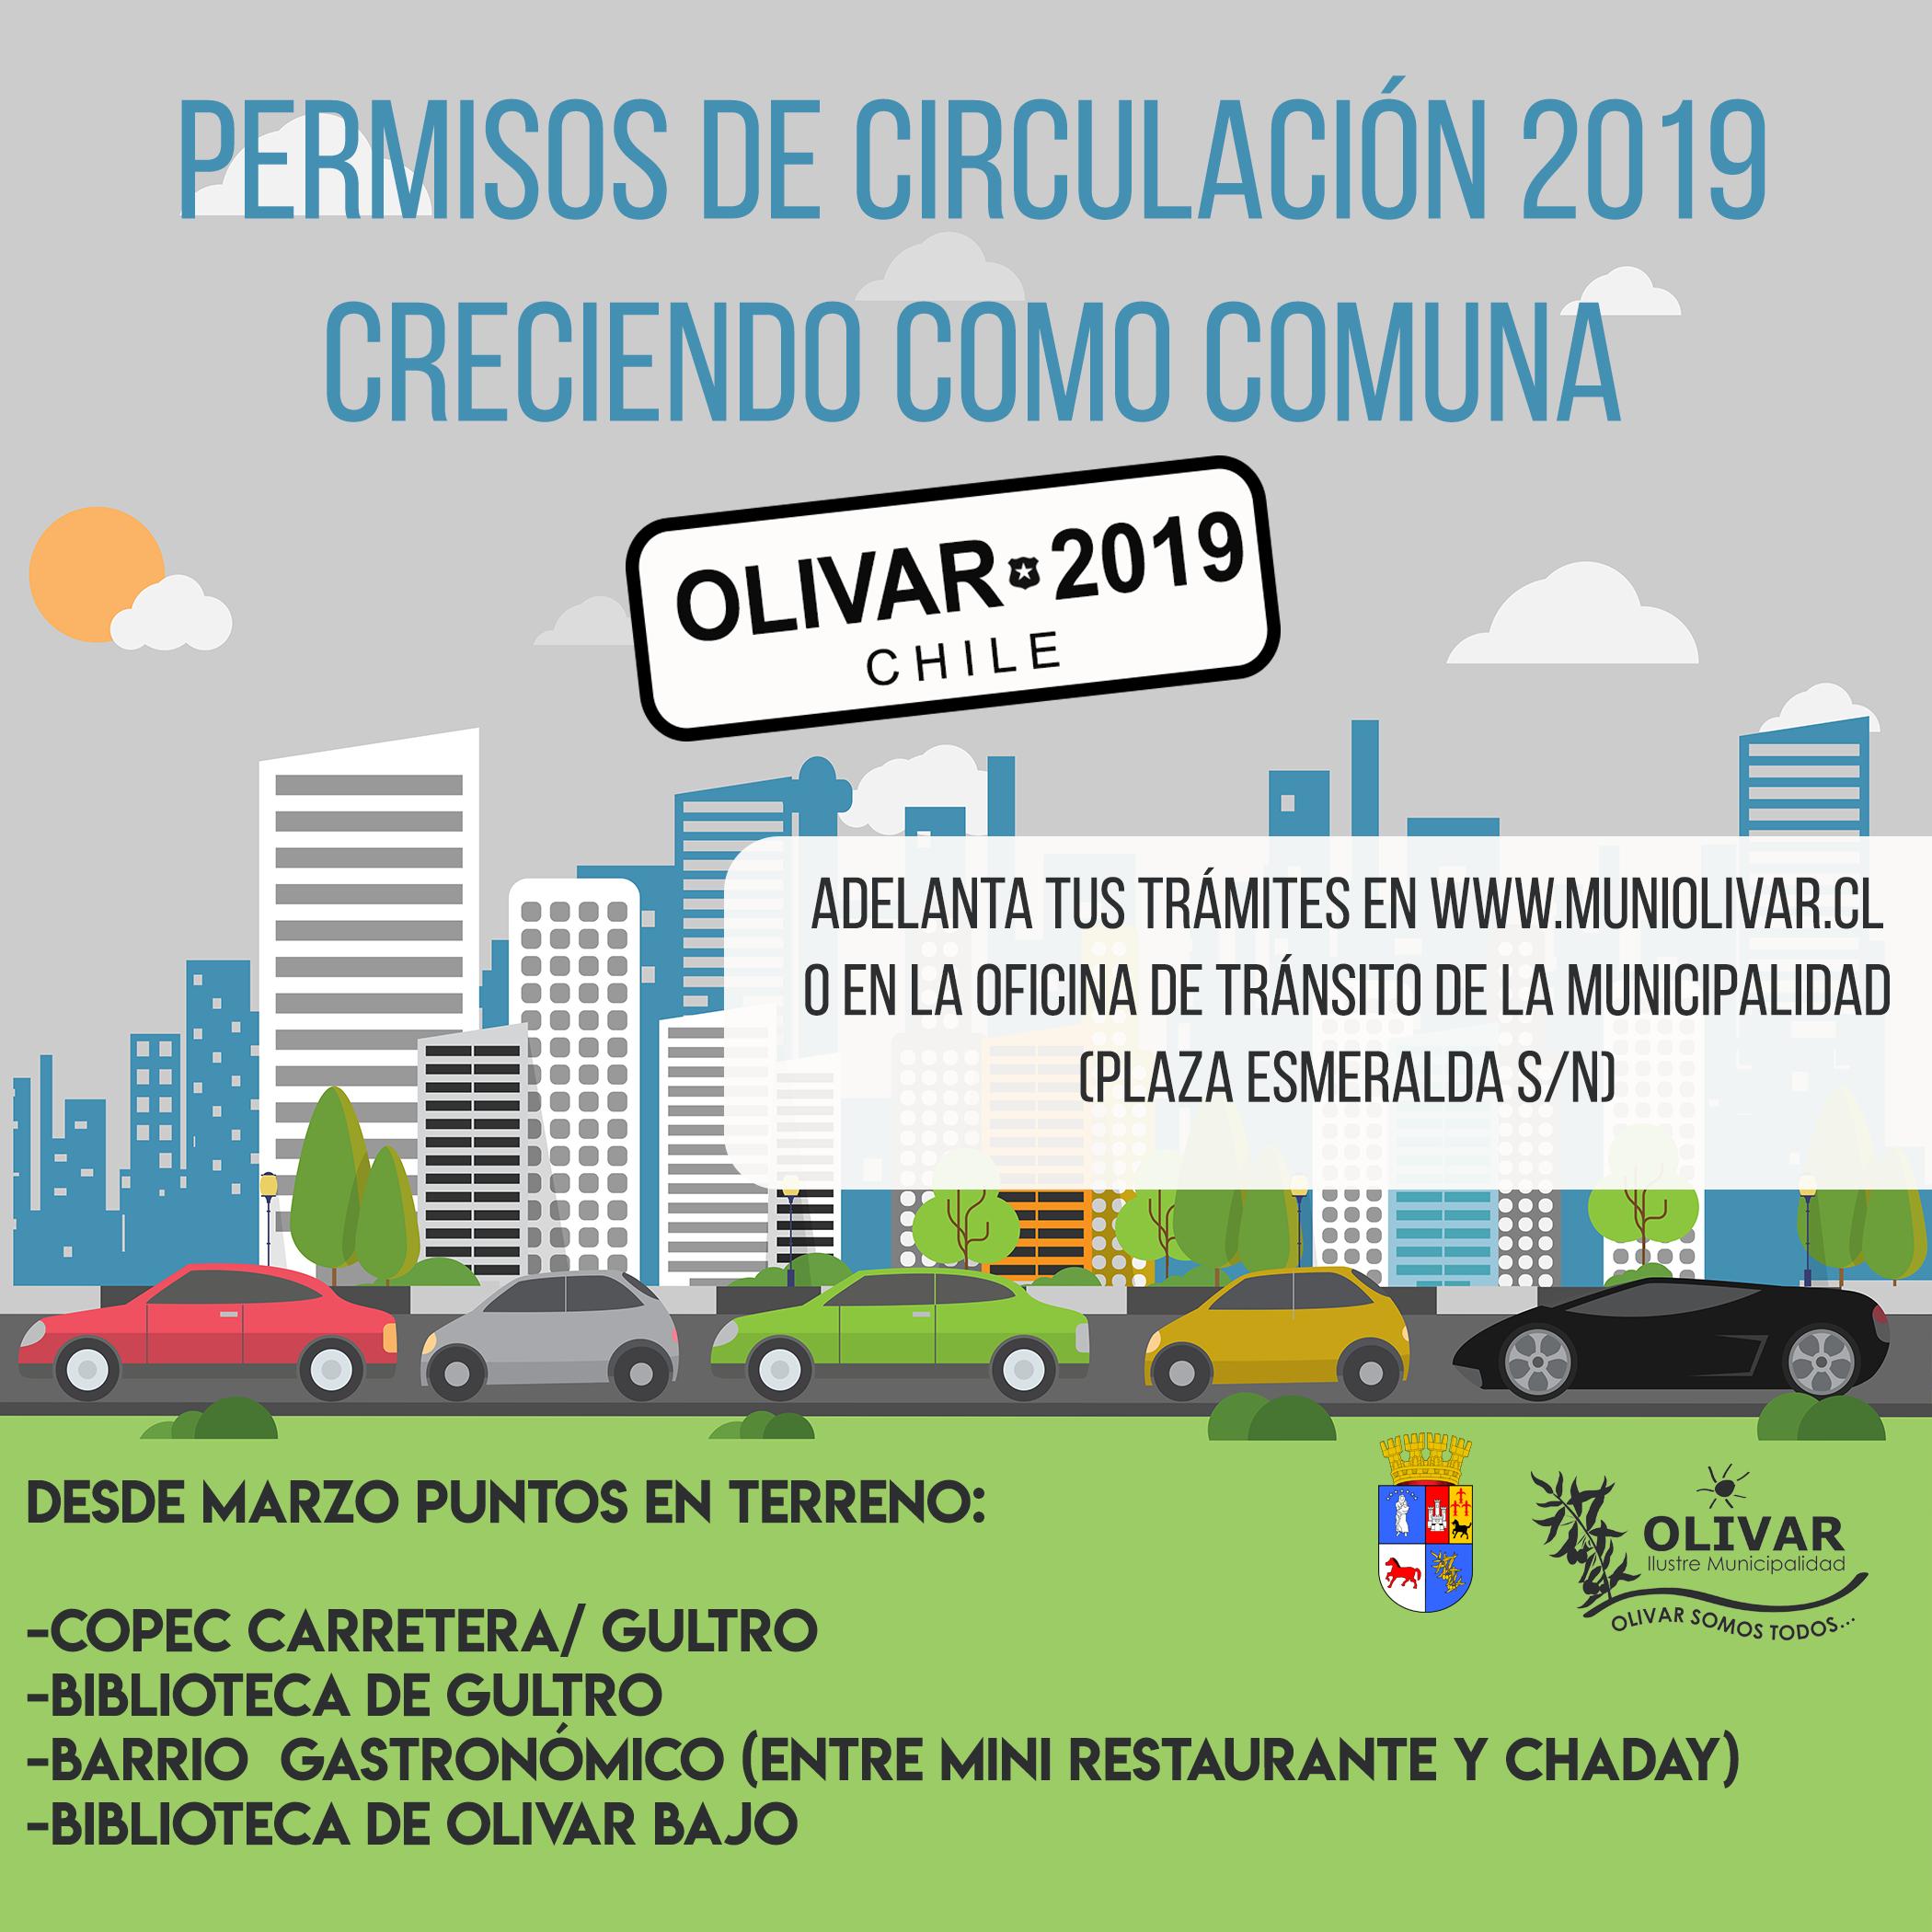 Permisos de circulación 2019: Horario de atención extendido en Municipio y Puntos en terreno